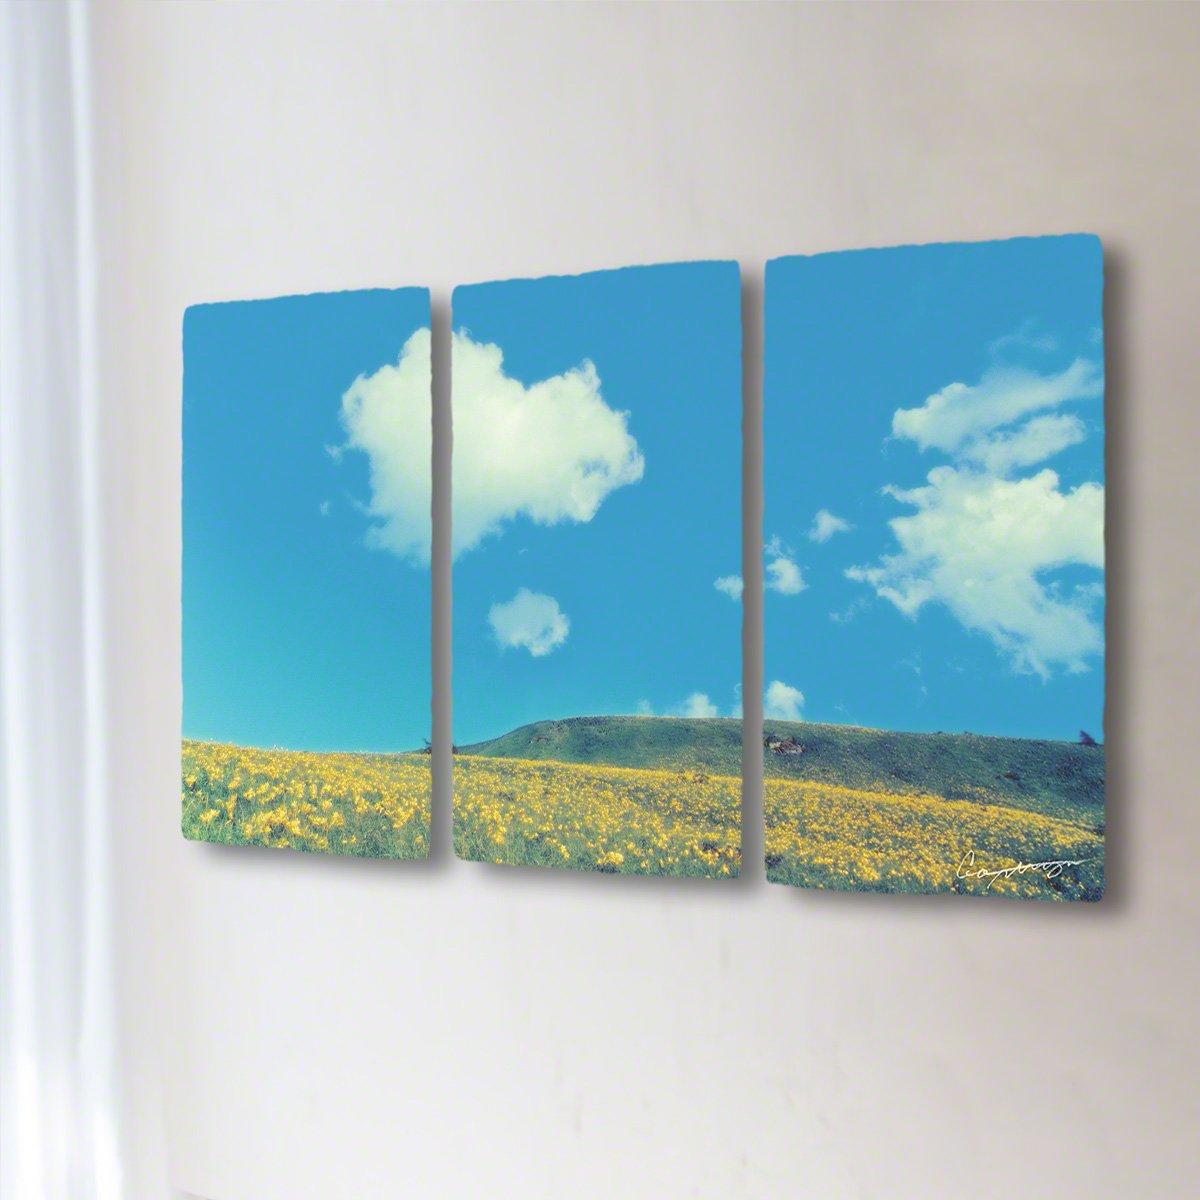 和紙 アートパネル 3枚 続き 「青い空と白い雲とニッコウキスゲの丘」 (128x72cm) 絵 絵画 壁掛け 壁飾り インテリア アート B07BFT2VZD 35.アートパネル3枚続き(長辺128cm) 168000円|青い空と白い雲とニッコウキスゲの丘 青い空と白い雲とニッコウキスゲの丘 35.アートパネル3枚続き(長辺128cm) 168000円